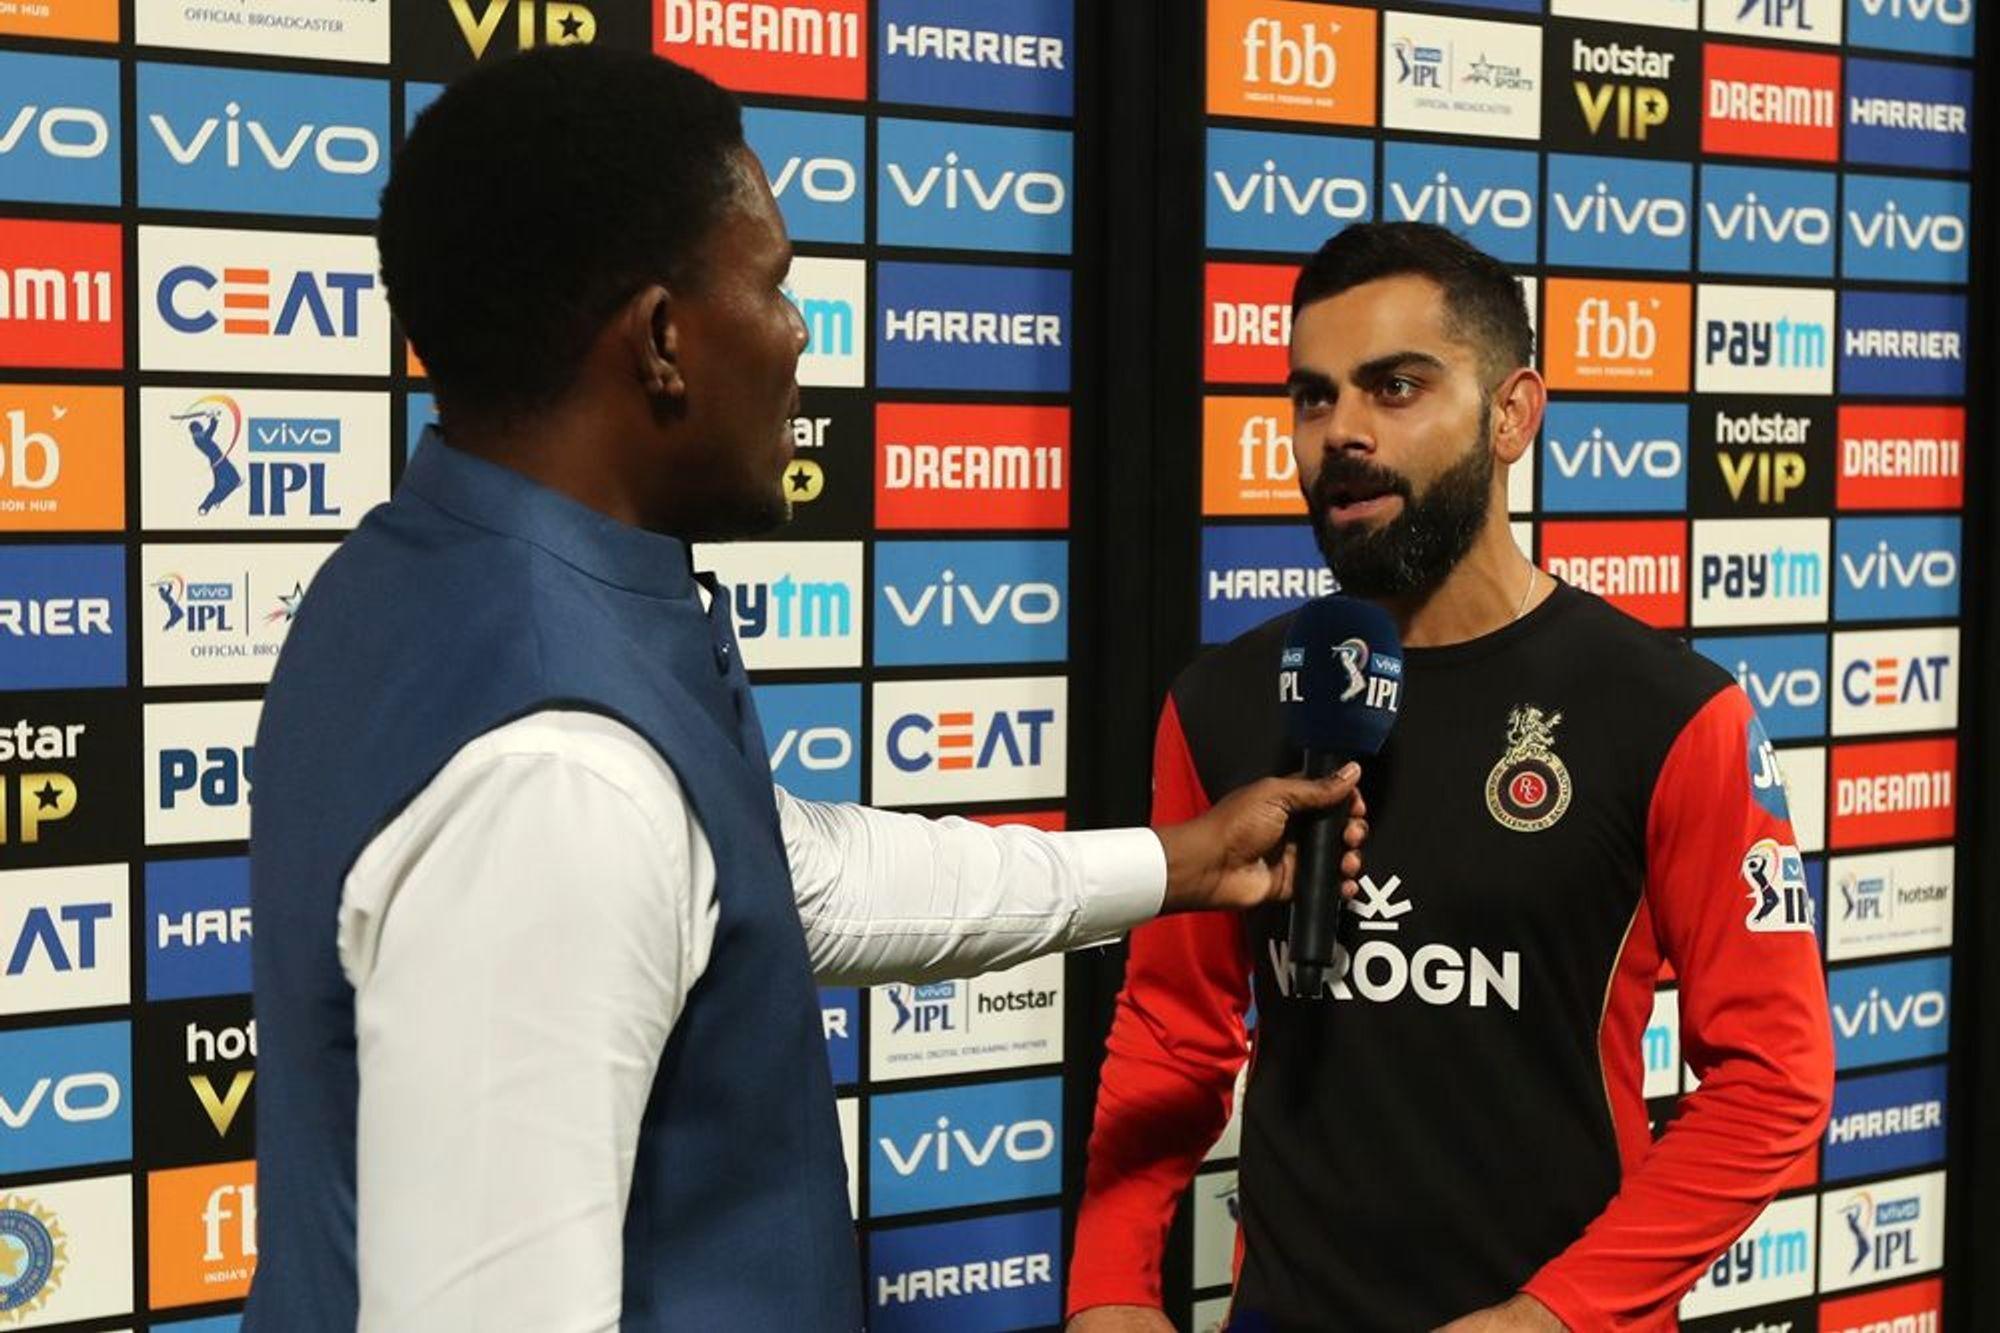 RCBvsKKR : 'मैन ऑफ़ द मैच' विराट कोहली ने बड़ा दिल दिखाते हुए खुद को नहीं, बल्कि इस खिलाड़ी को दिया जीत का पूरा श्रेय